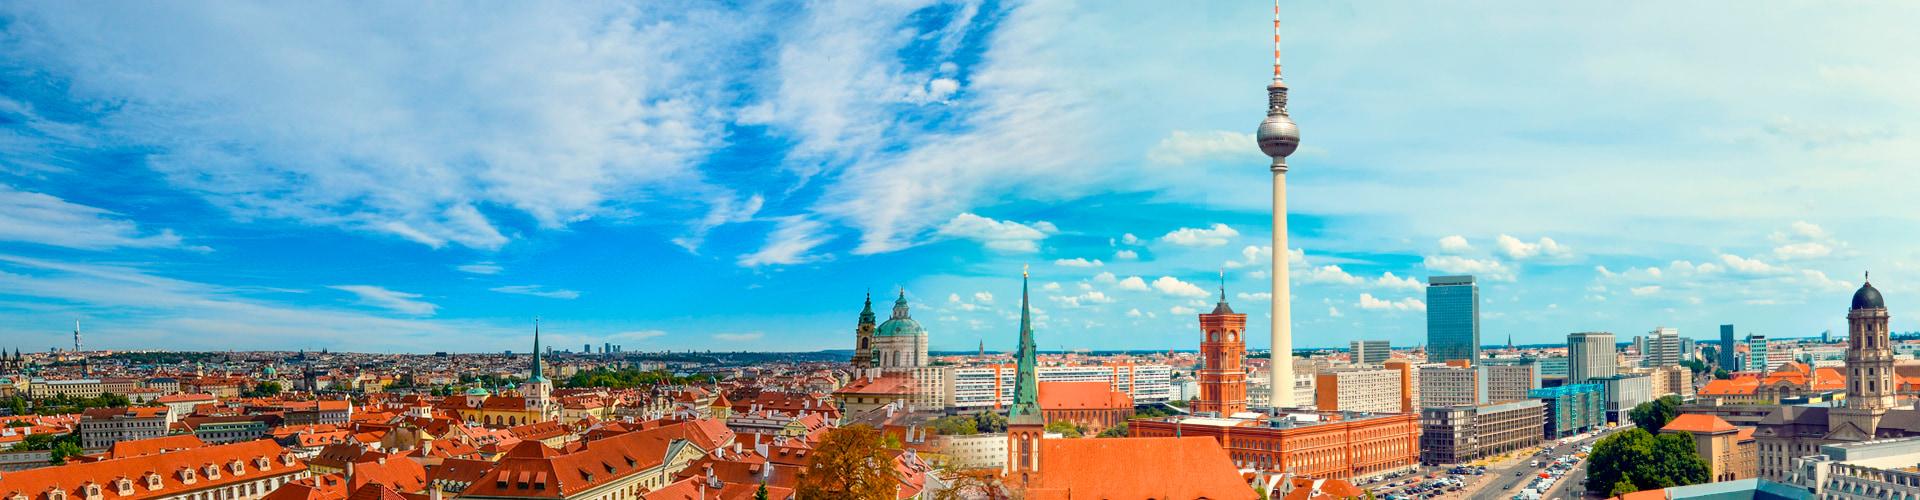 Чехия + Германия eurostudy